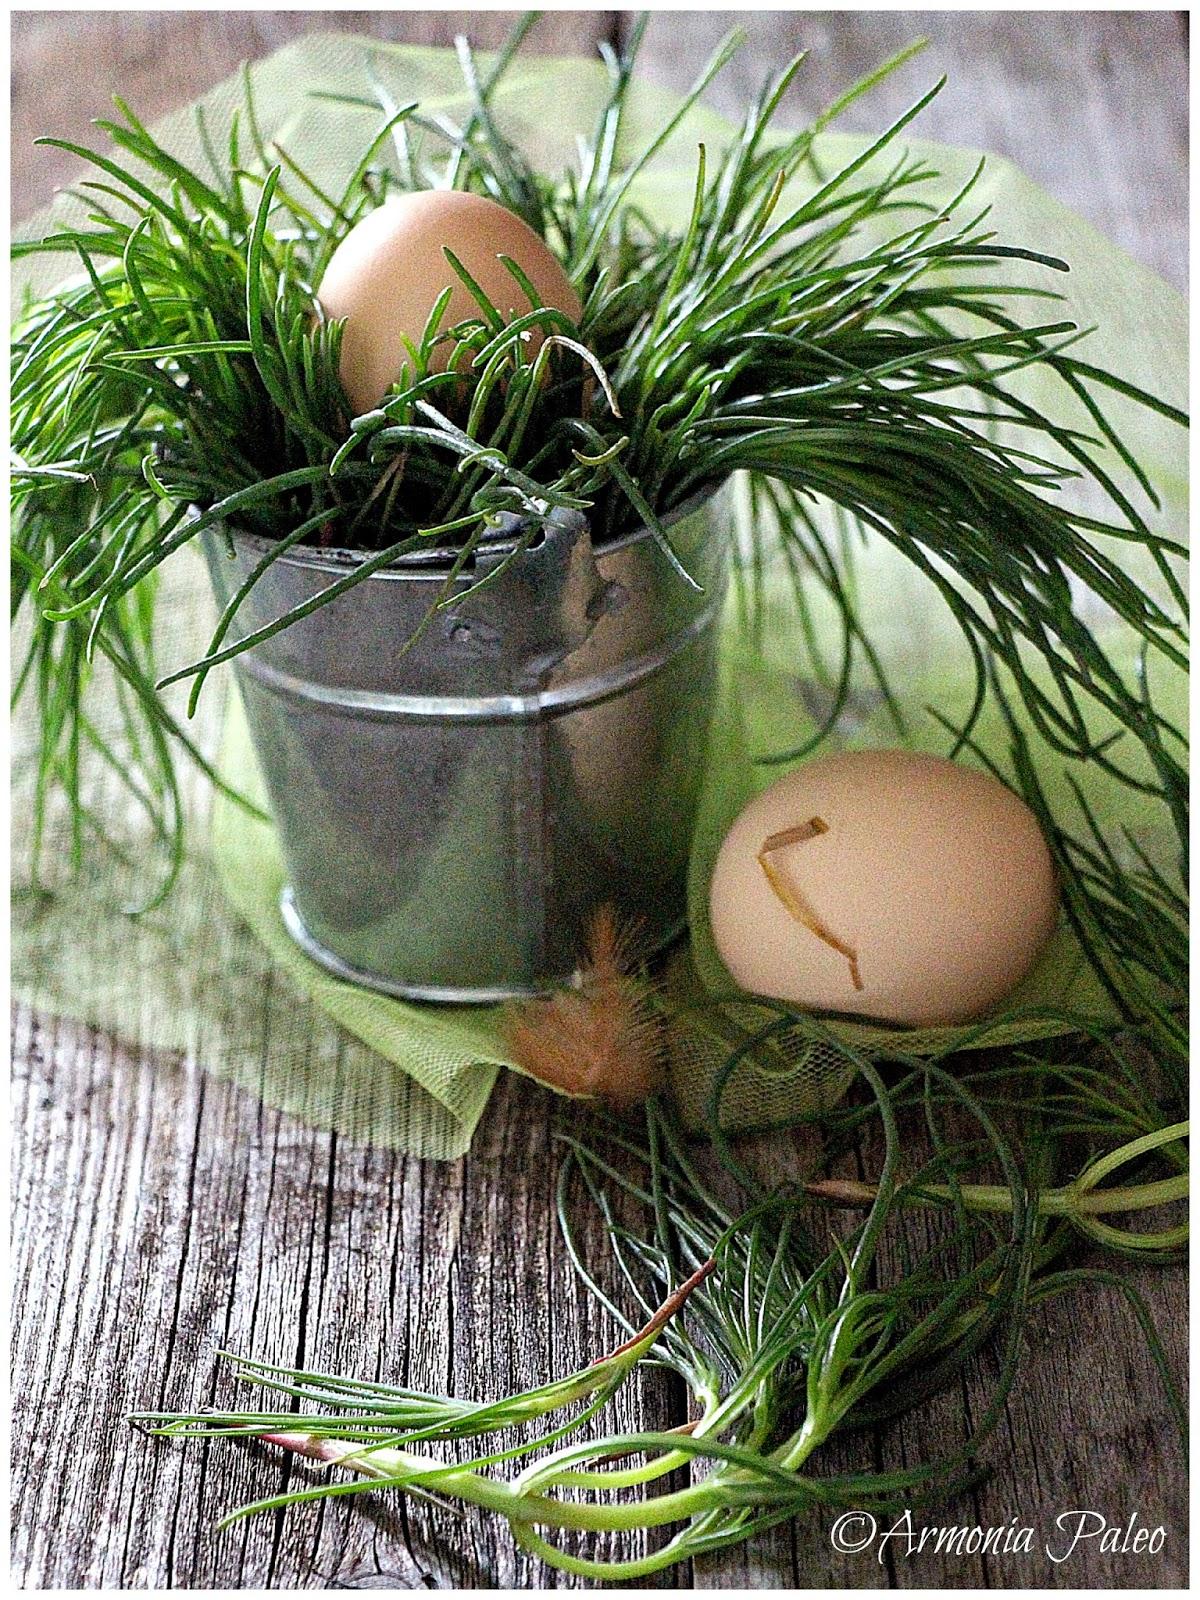 Uova in Nido di Agretti di Armonia Paleo